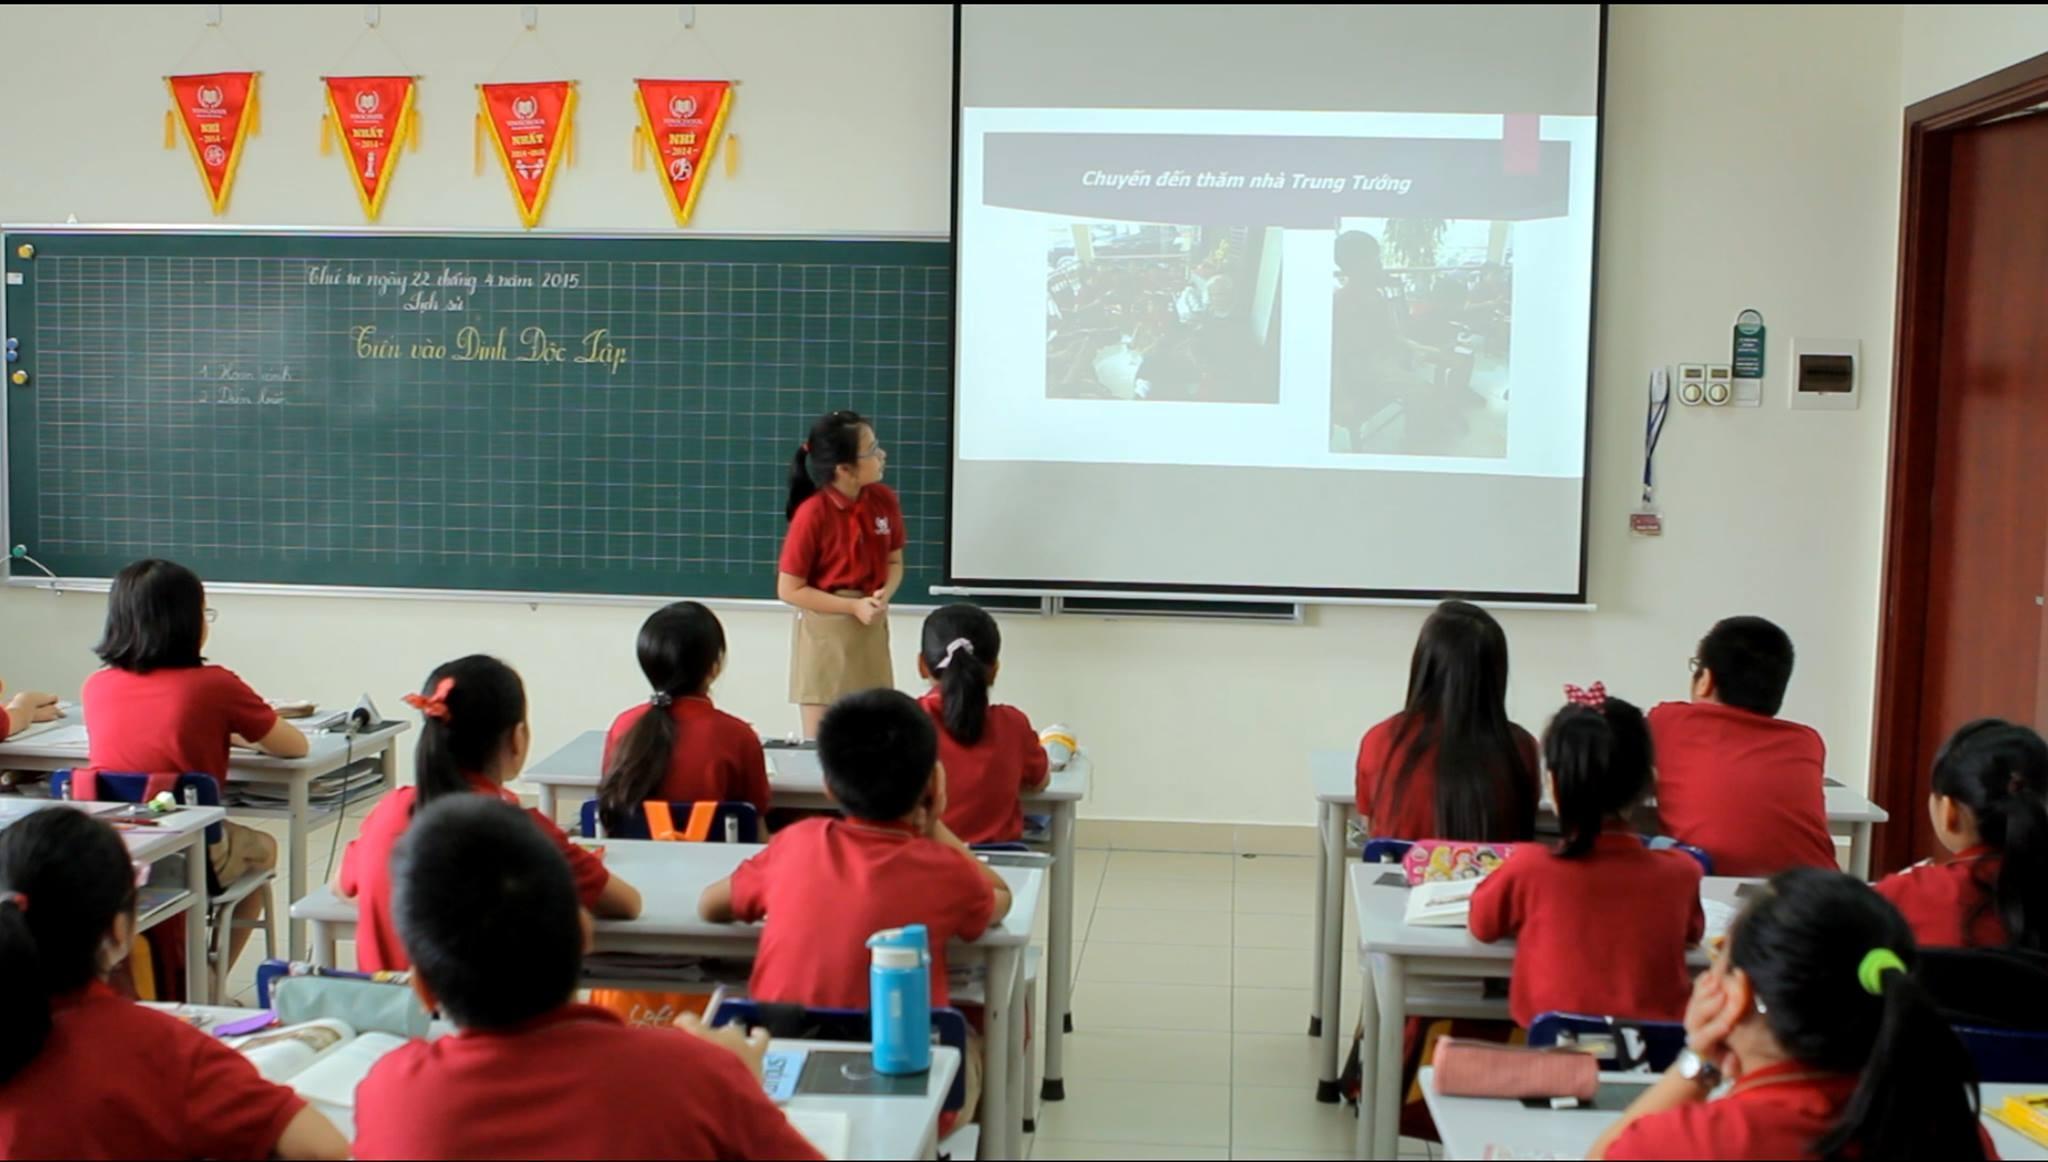 Khánh Phương đang chia sẻ với các bạn trong lớp về chuyến thăm tới nhà nhân vật lịch sử